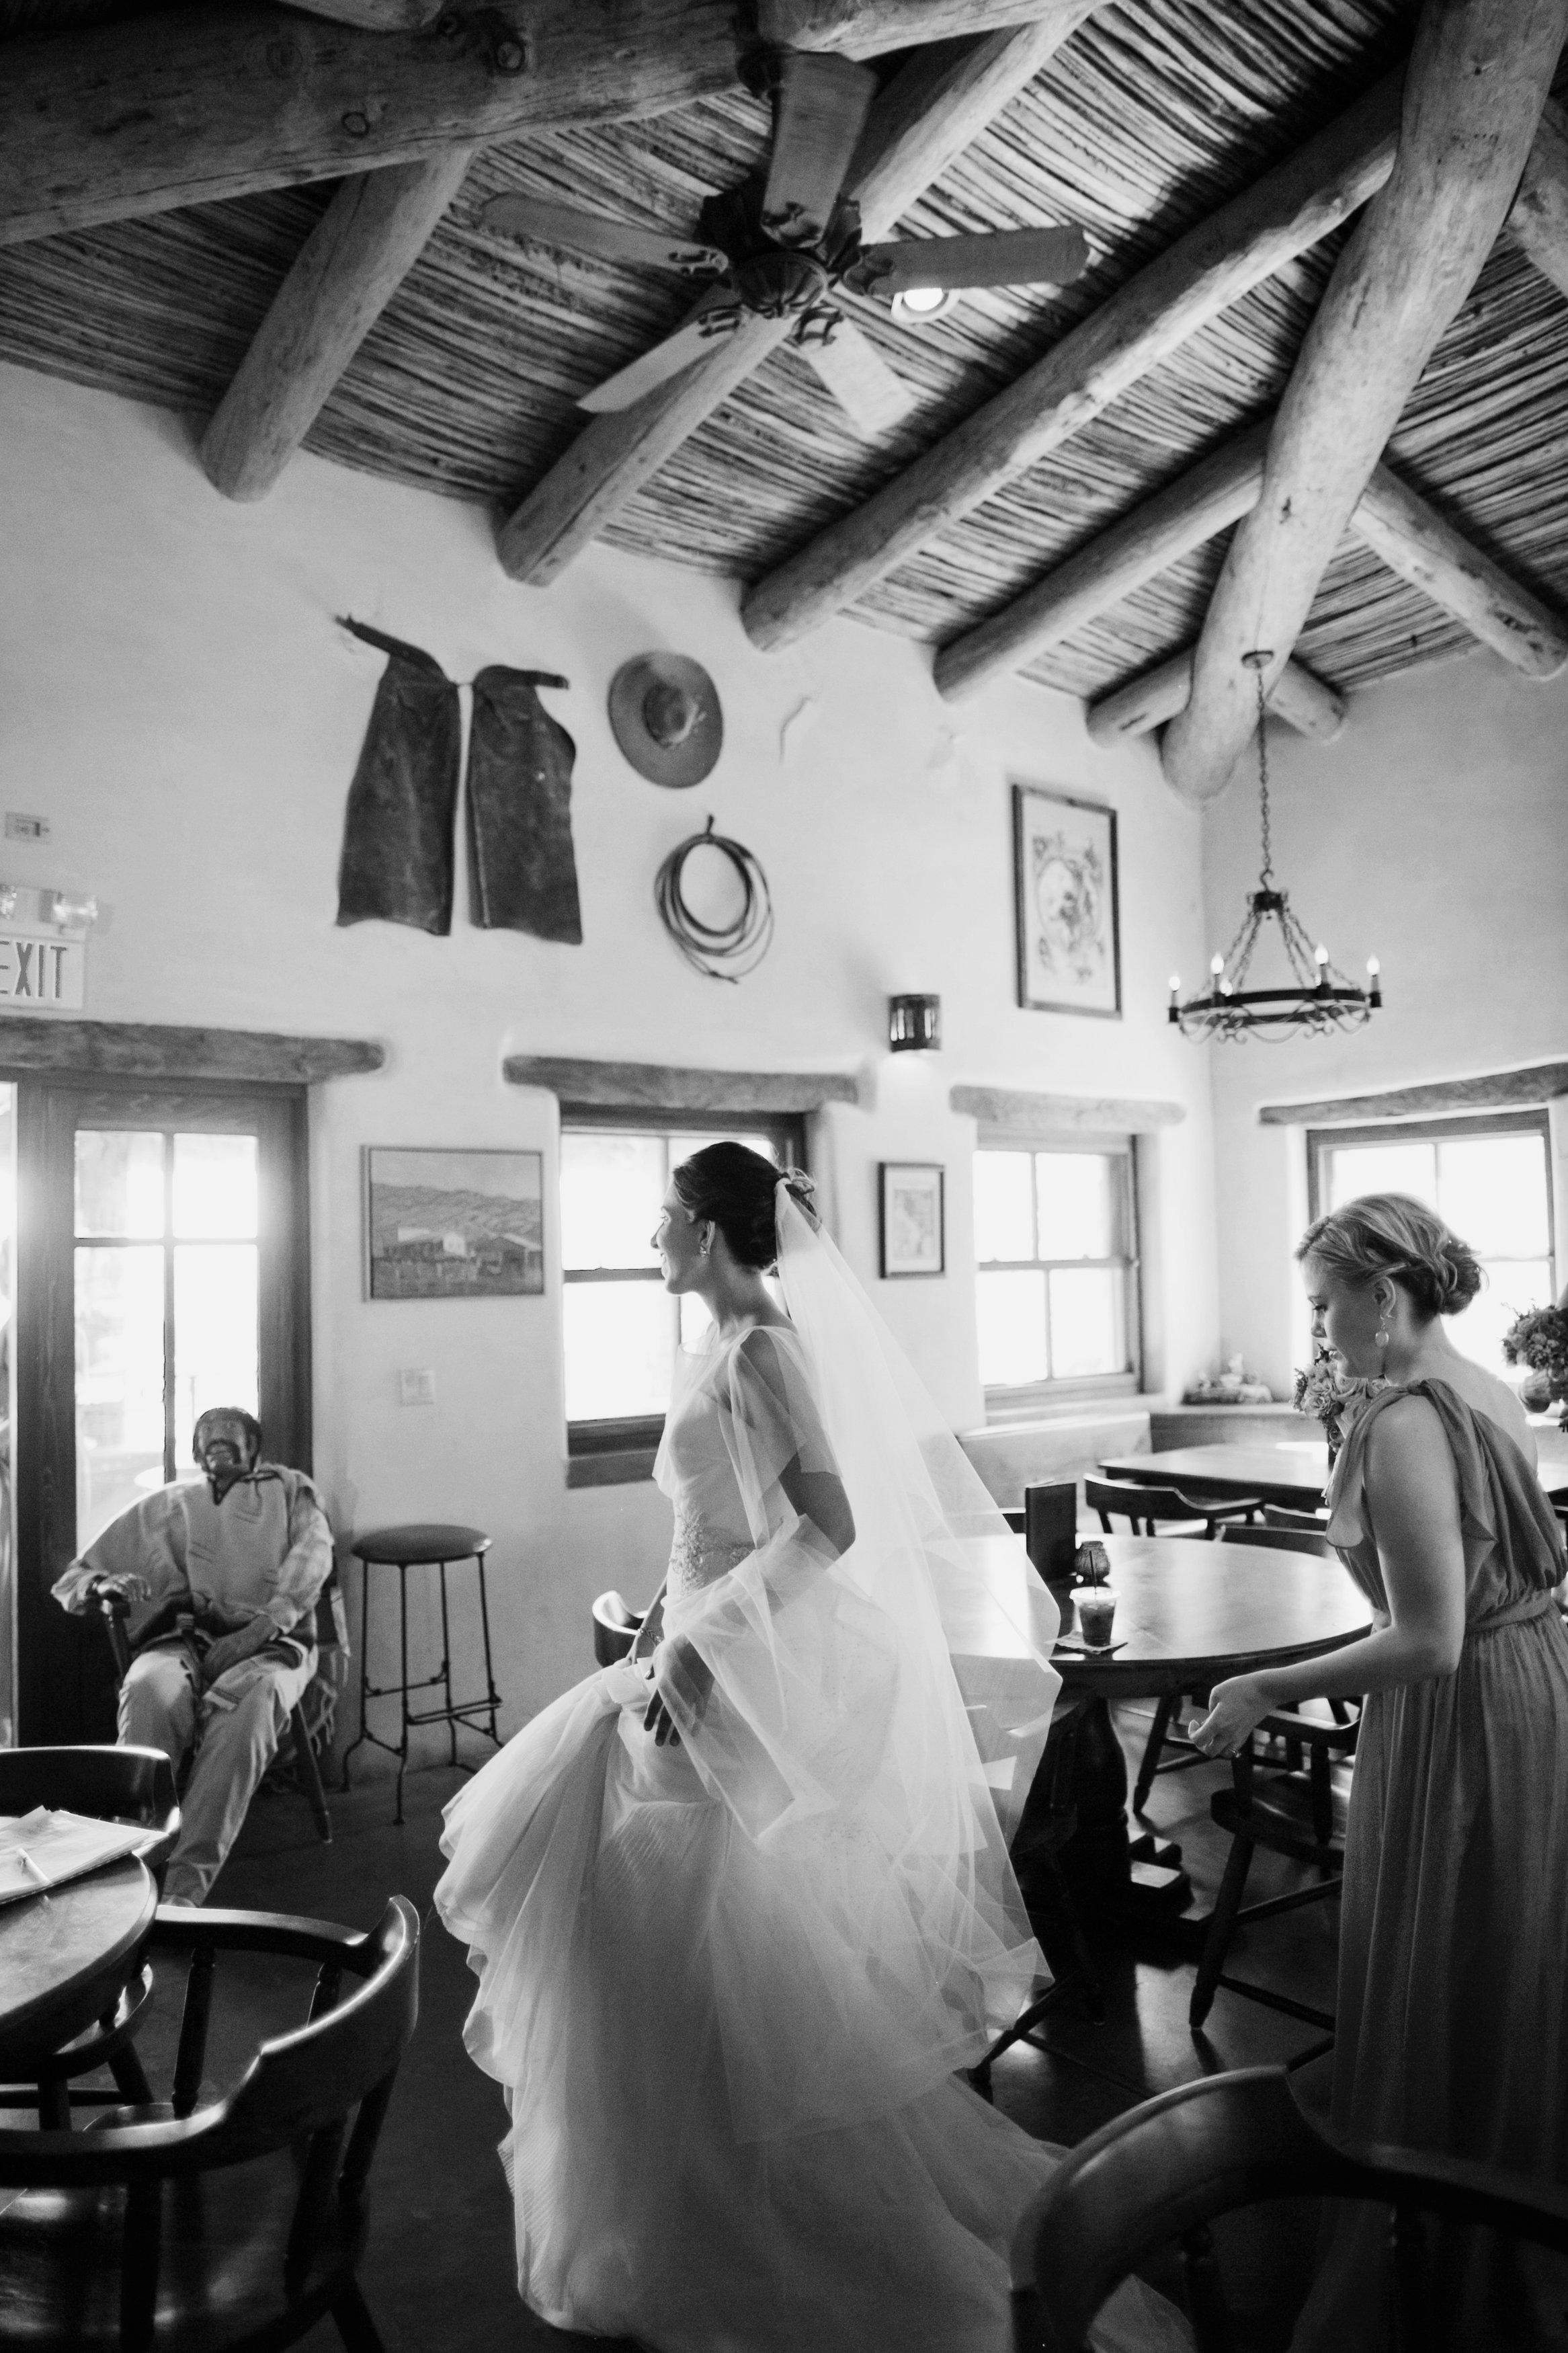 Ceci_New_York_Ceci_Style_Ceci_Johnson_Luxury_Lifestyle_Arizona_Wedding_Watercolor_Inspiration_Design_Custom_Couture_Personalized_Invitations_64.jpg